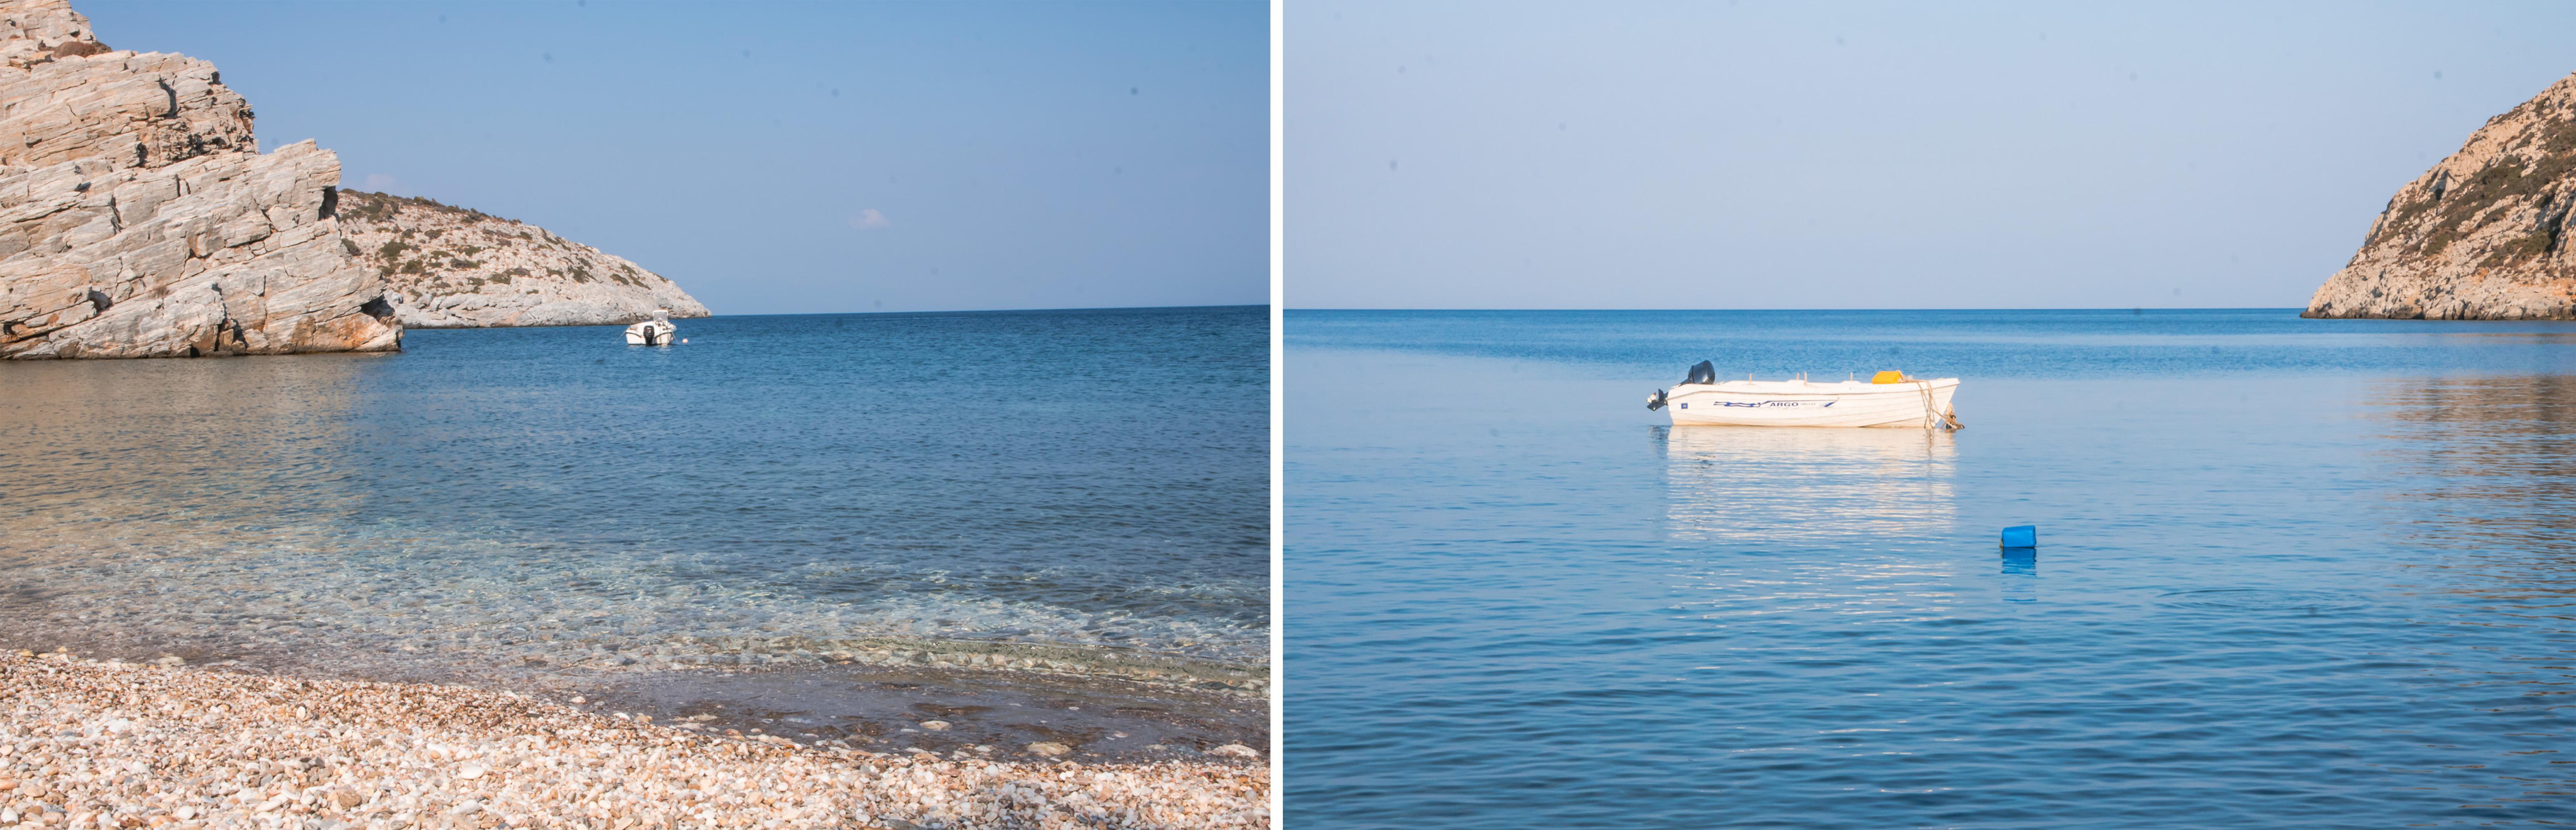 So ruhig wie das Meer ist die Seele - nur ein kleines Boot wiegt sich sanft hin und her, sonst ist es ruhig und still am Meer